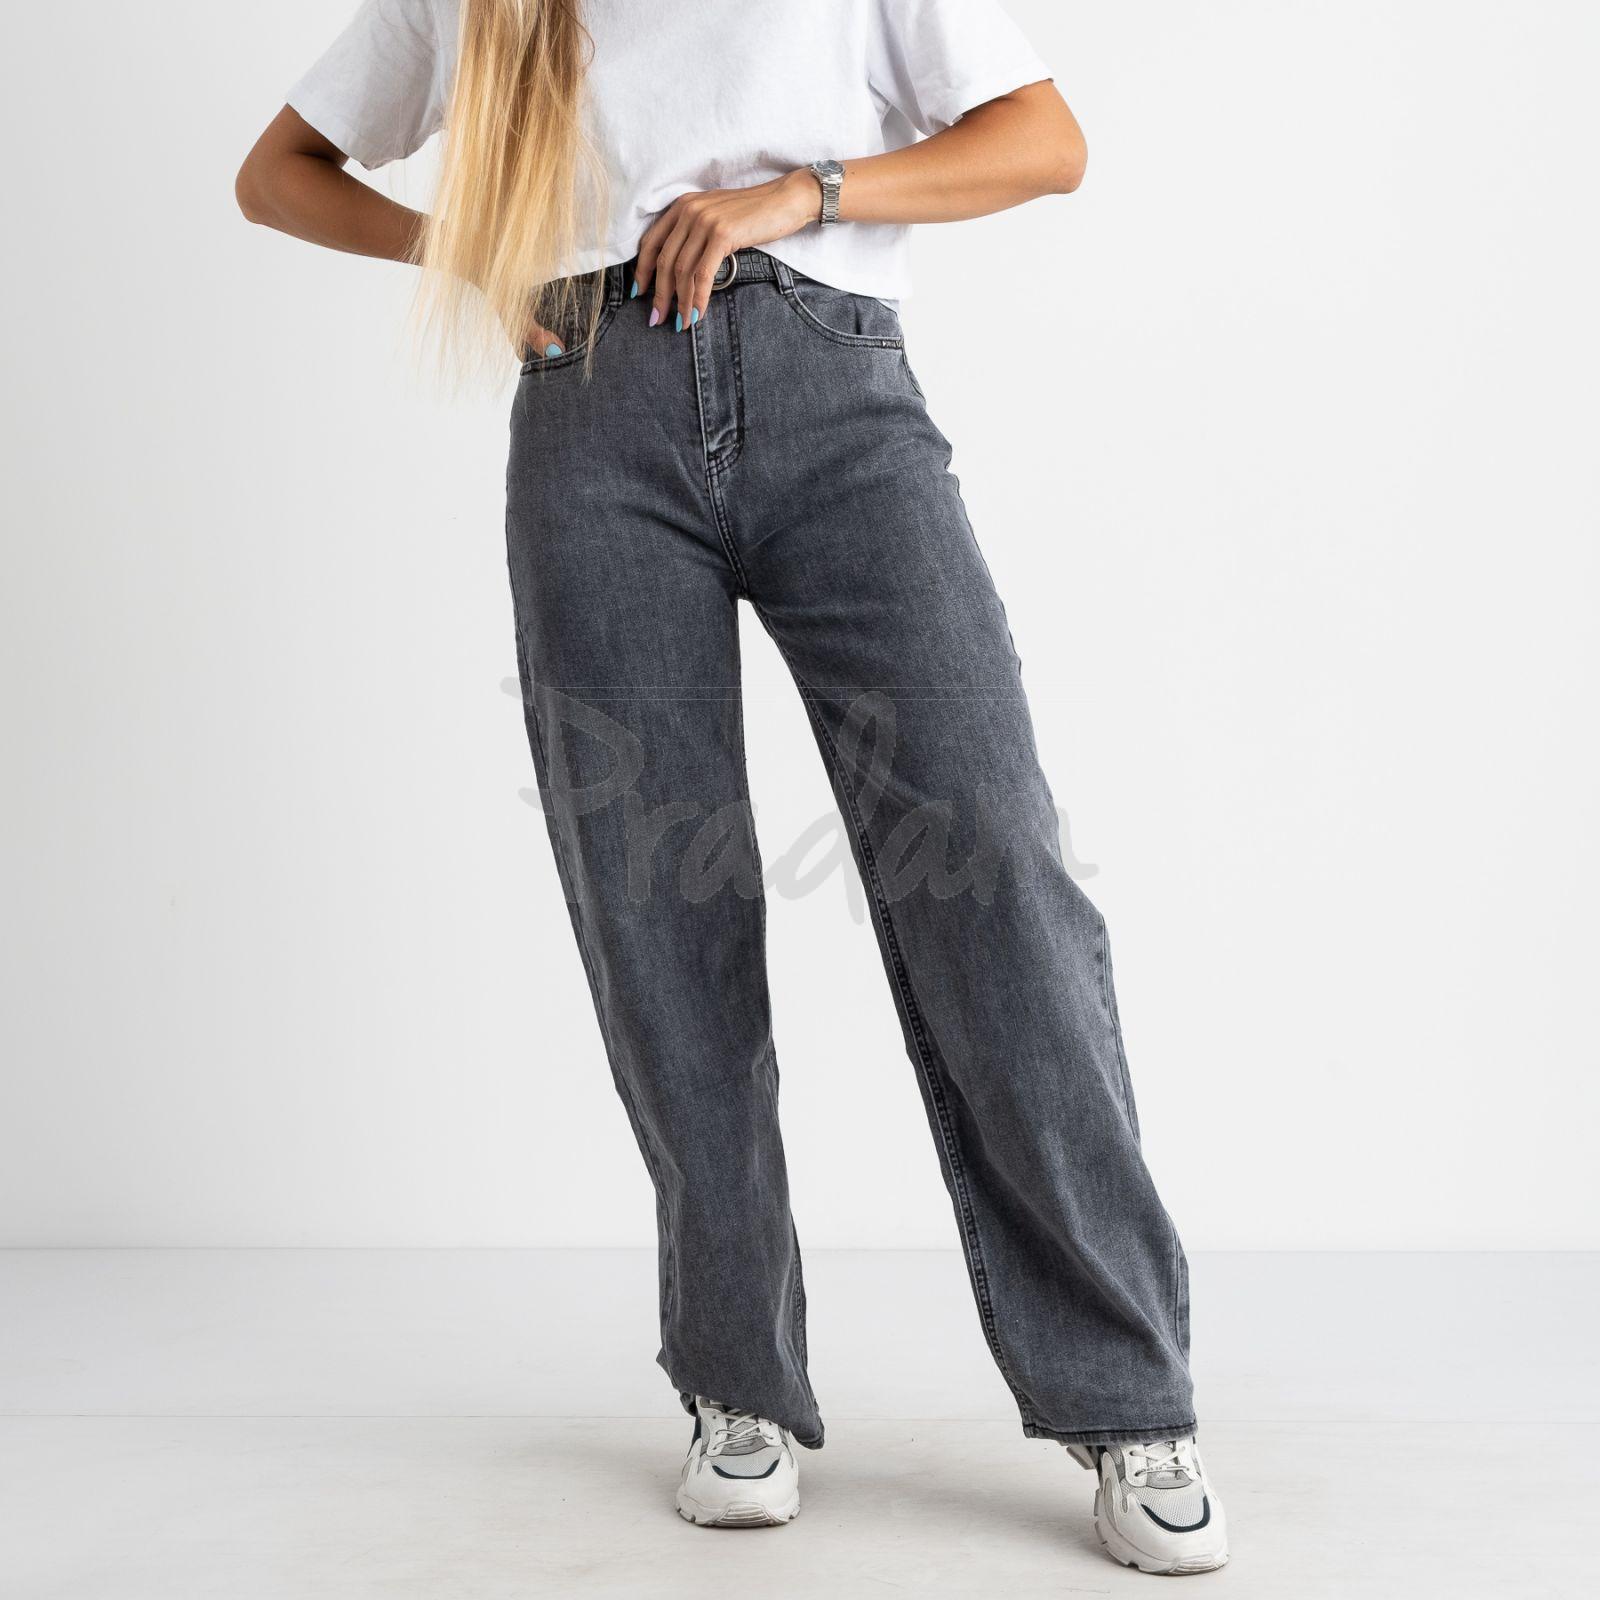 3090 KT.Moss джинсы-клеш серые стрейчевые (6 ед. размеры: 25.26.27.28.29.30)